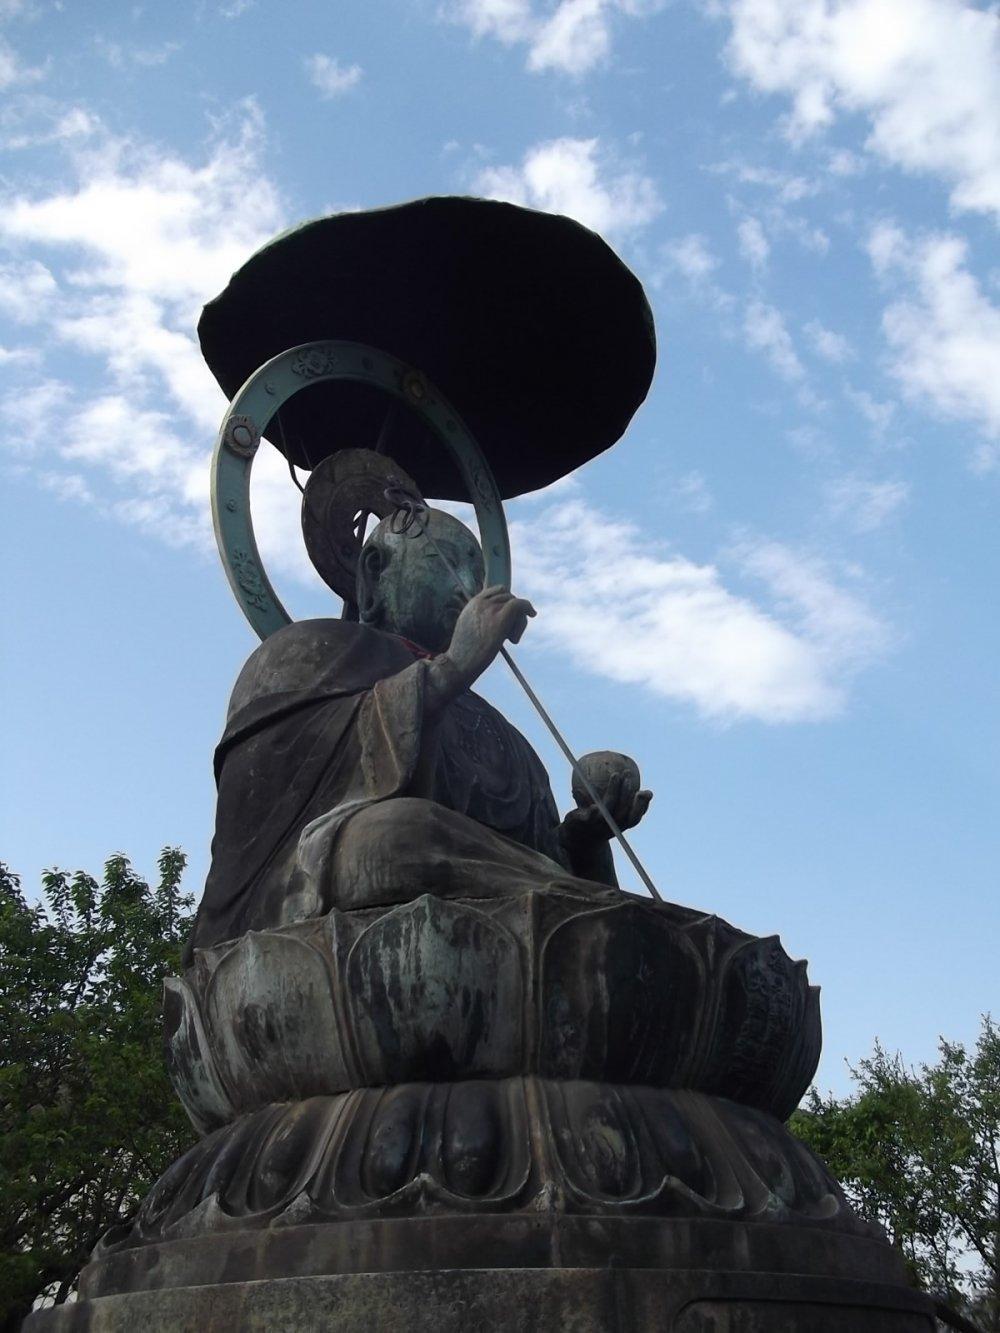 Bức tượng này trông có vẻ như trên quyền những bức tượng còn lại